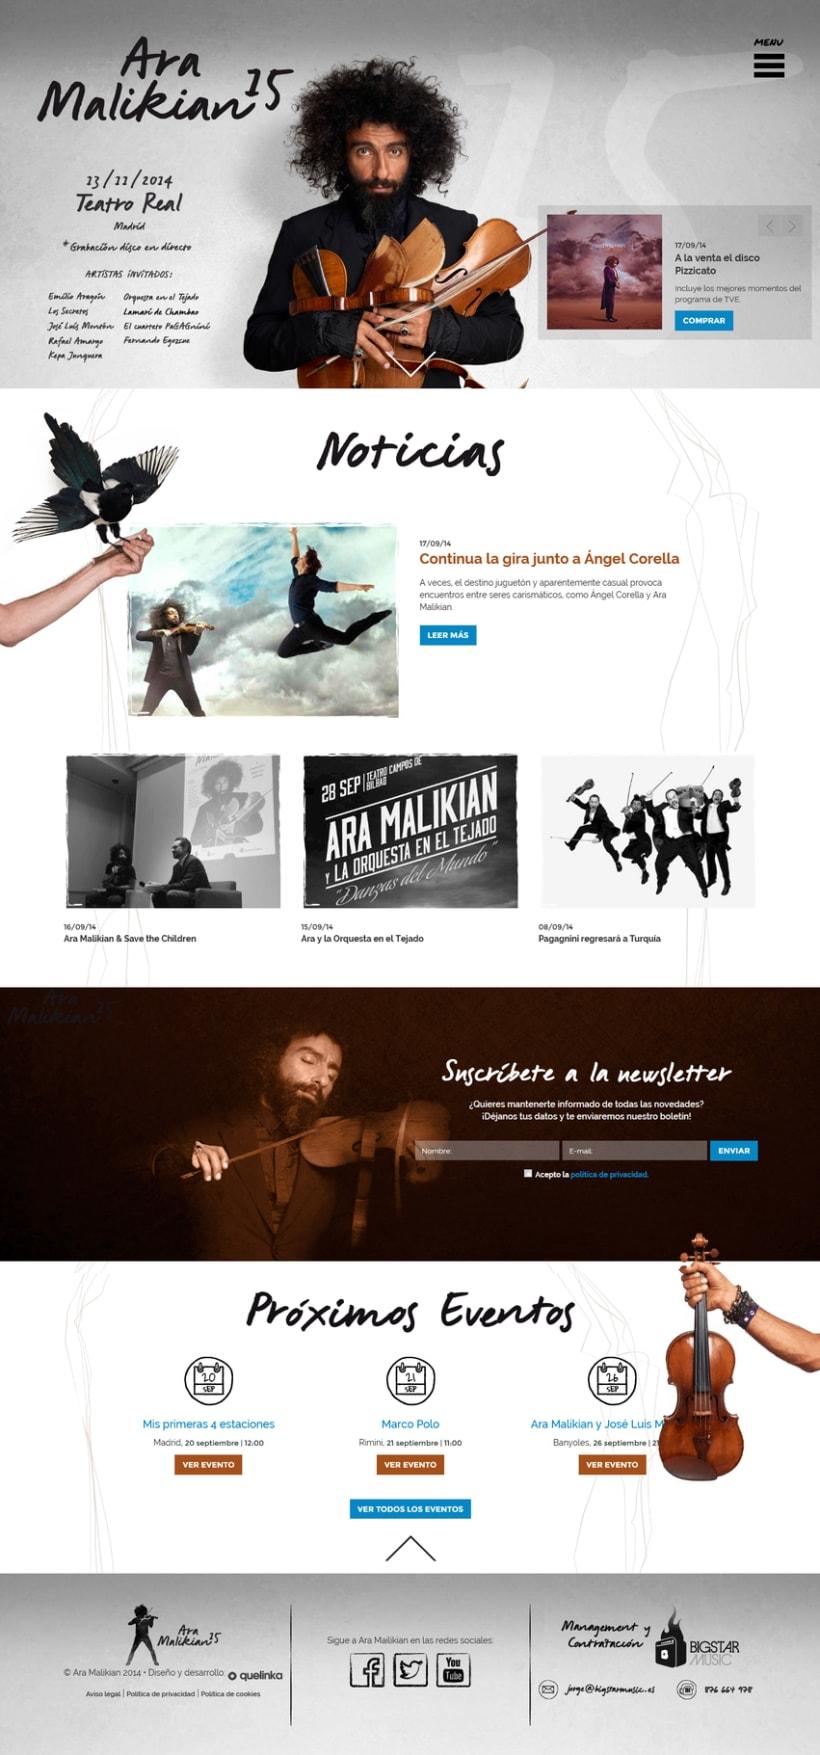 La nueva web de Ara Malikian. Un diseño afinado 0